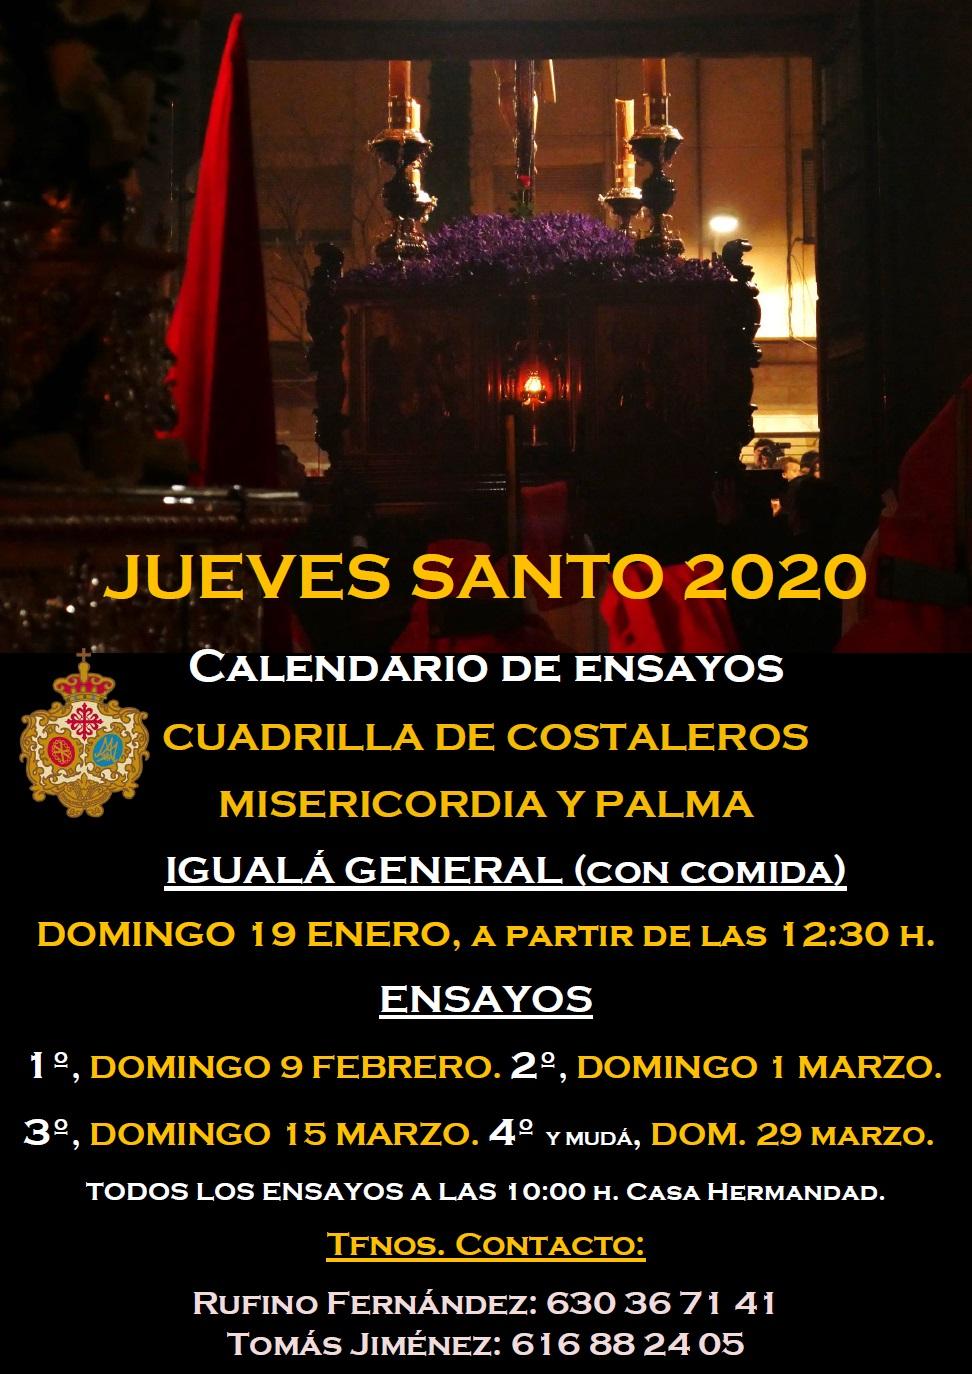 Calendario de ensayos costaleros Jueves Santo 2020 Misericordia y Palma